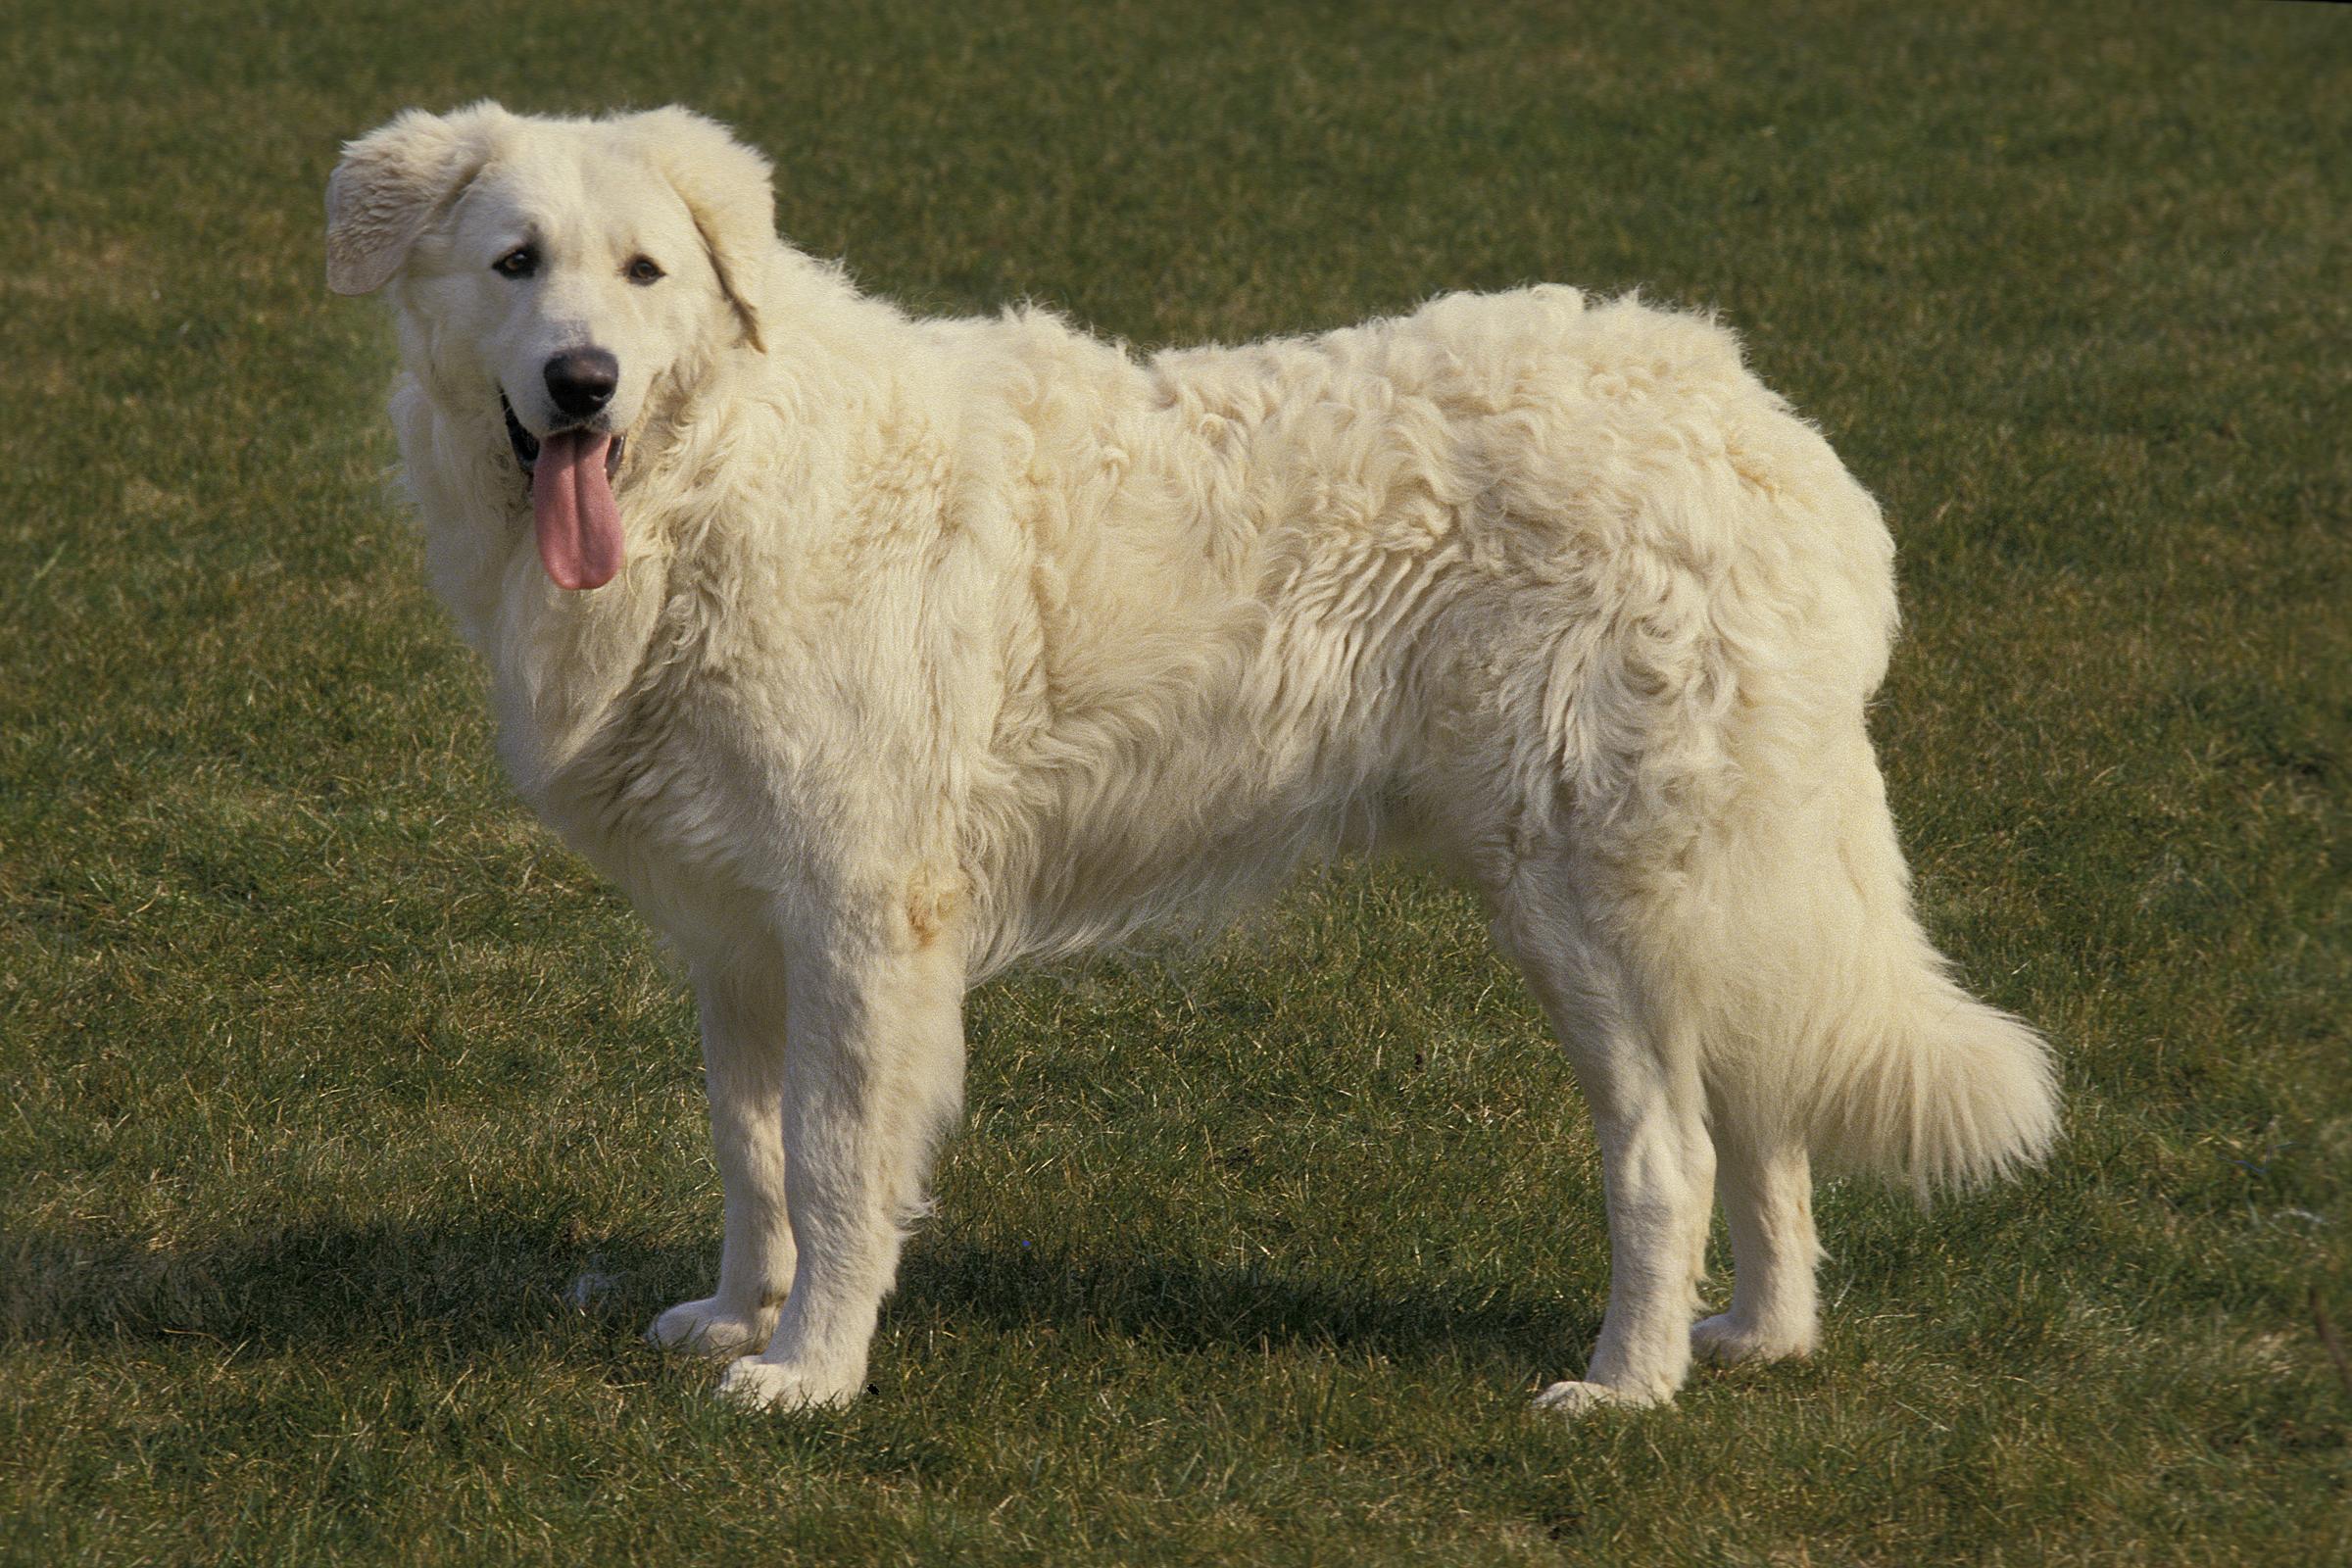 Milyen fajtájú kutyát látsz a képen?